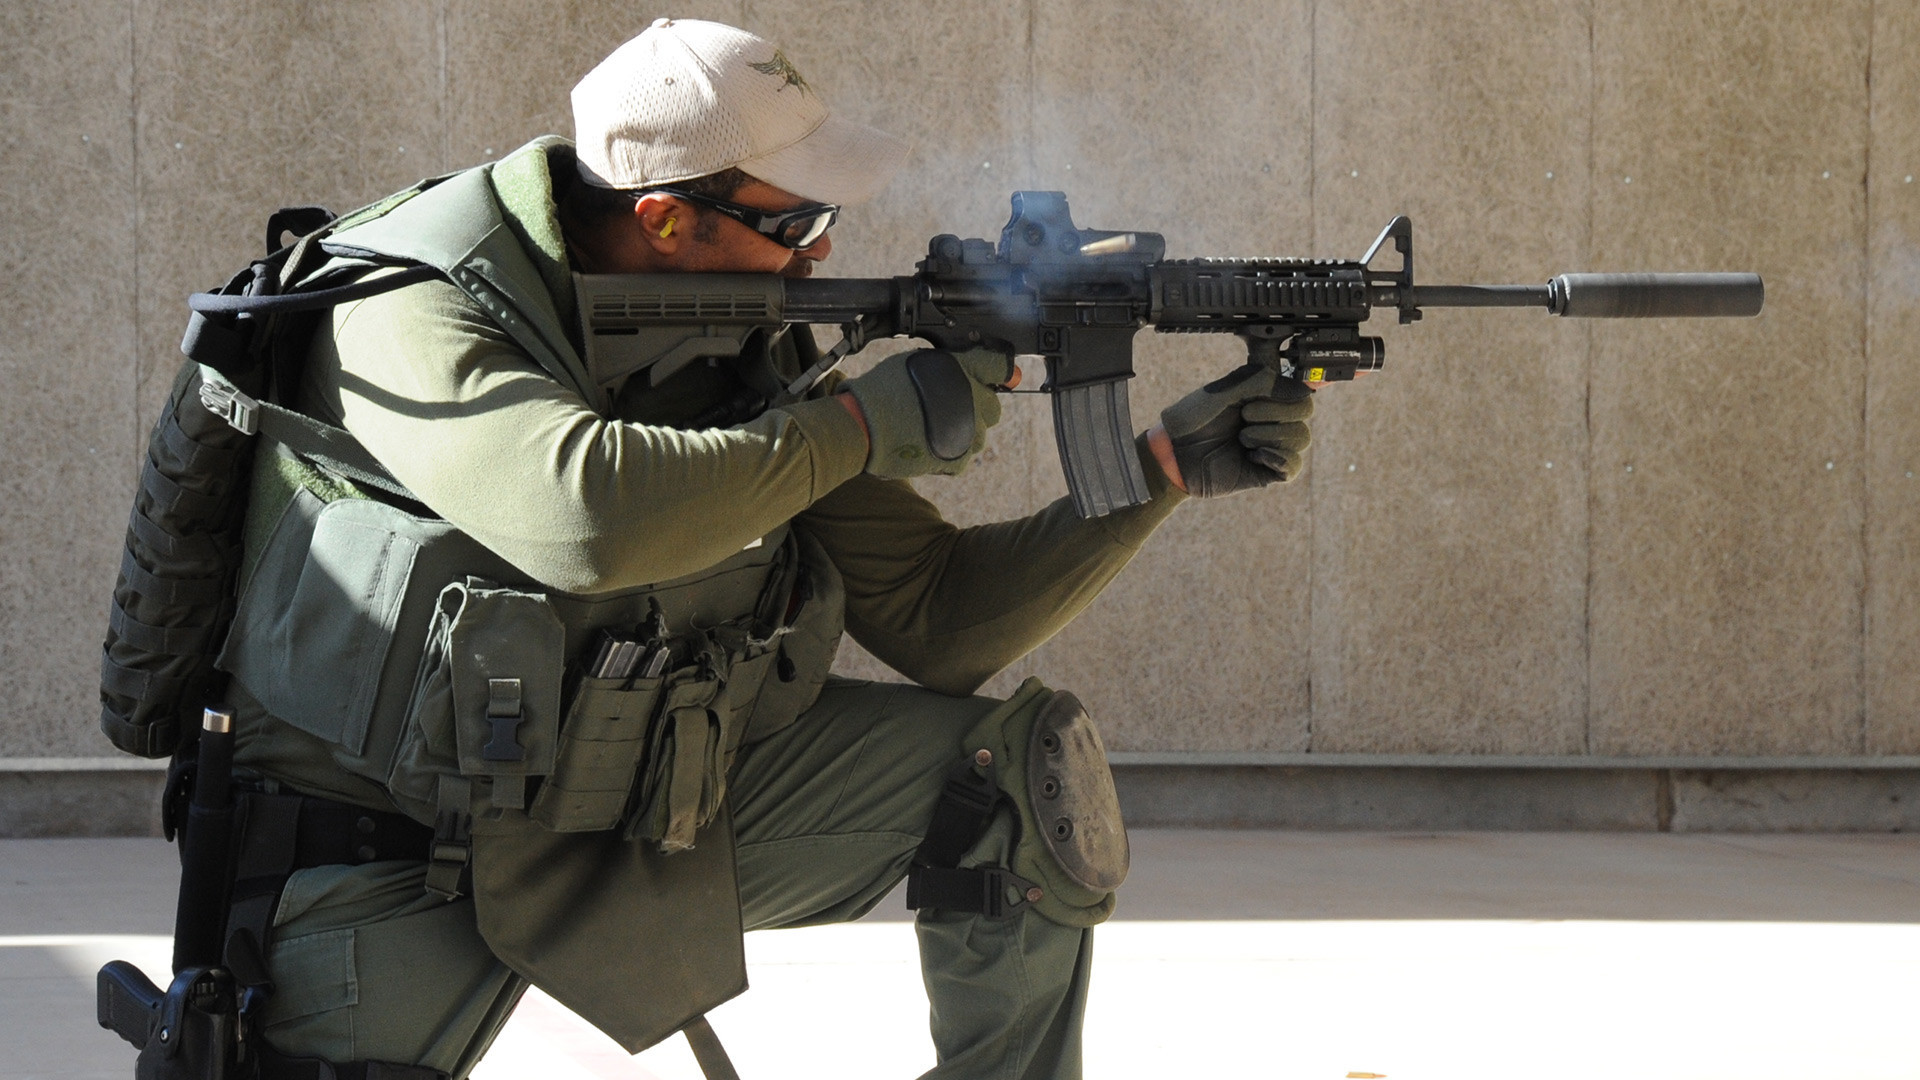 Pripadnik jedinice Wichita Falls SWAT trenira gađanje na strelištu pravosudnih organa, 14. ožujka 2013.